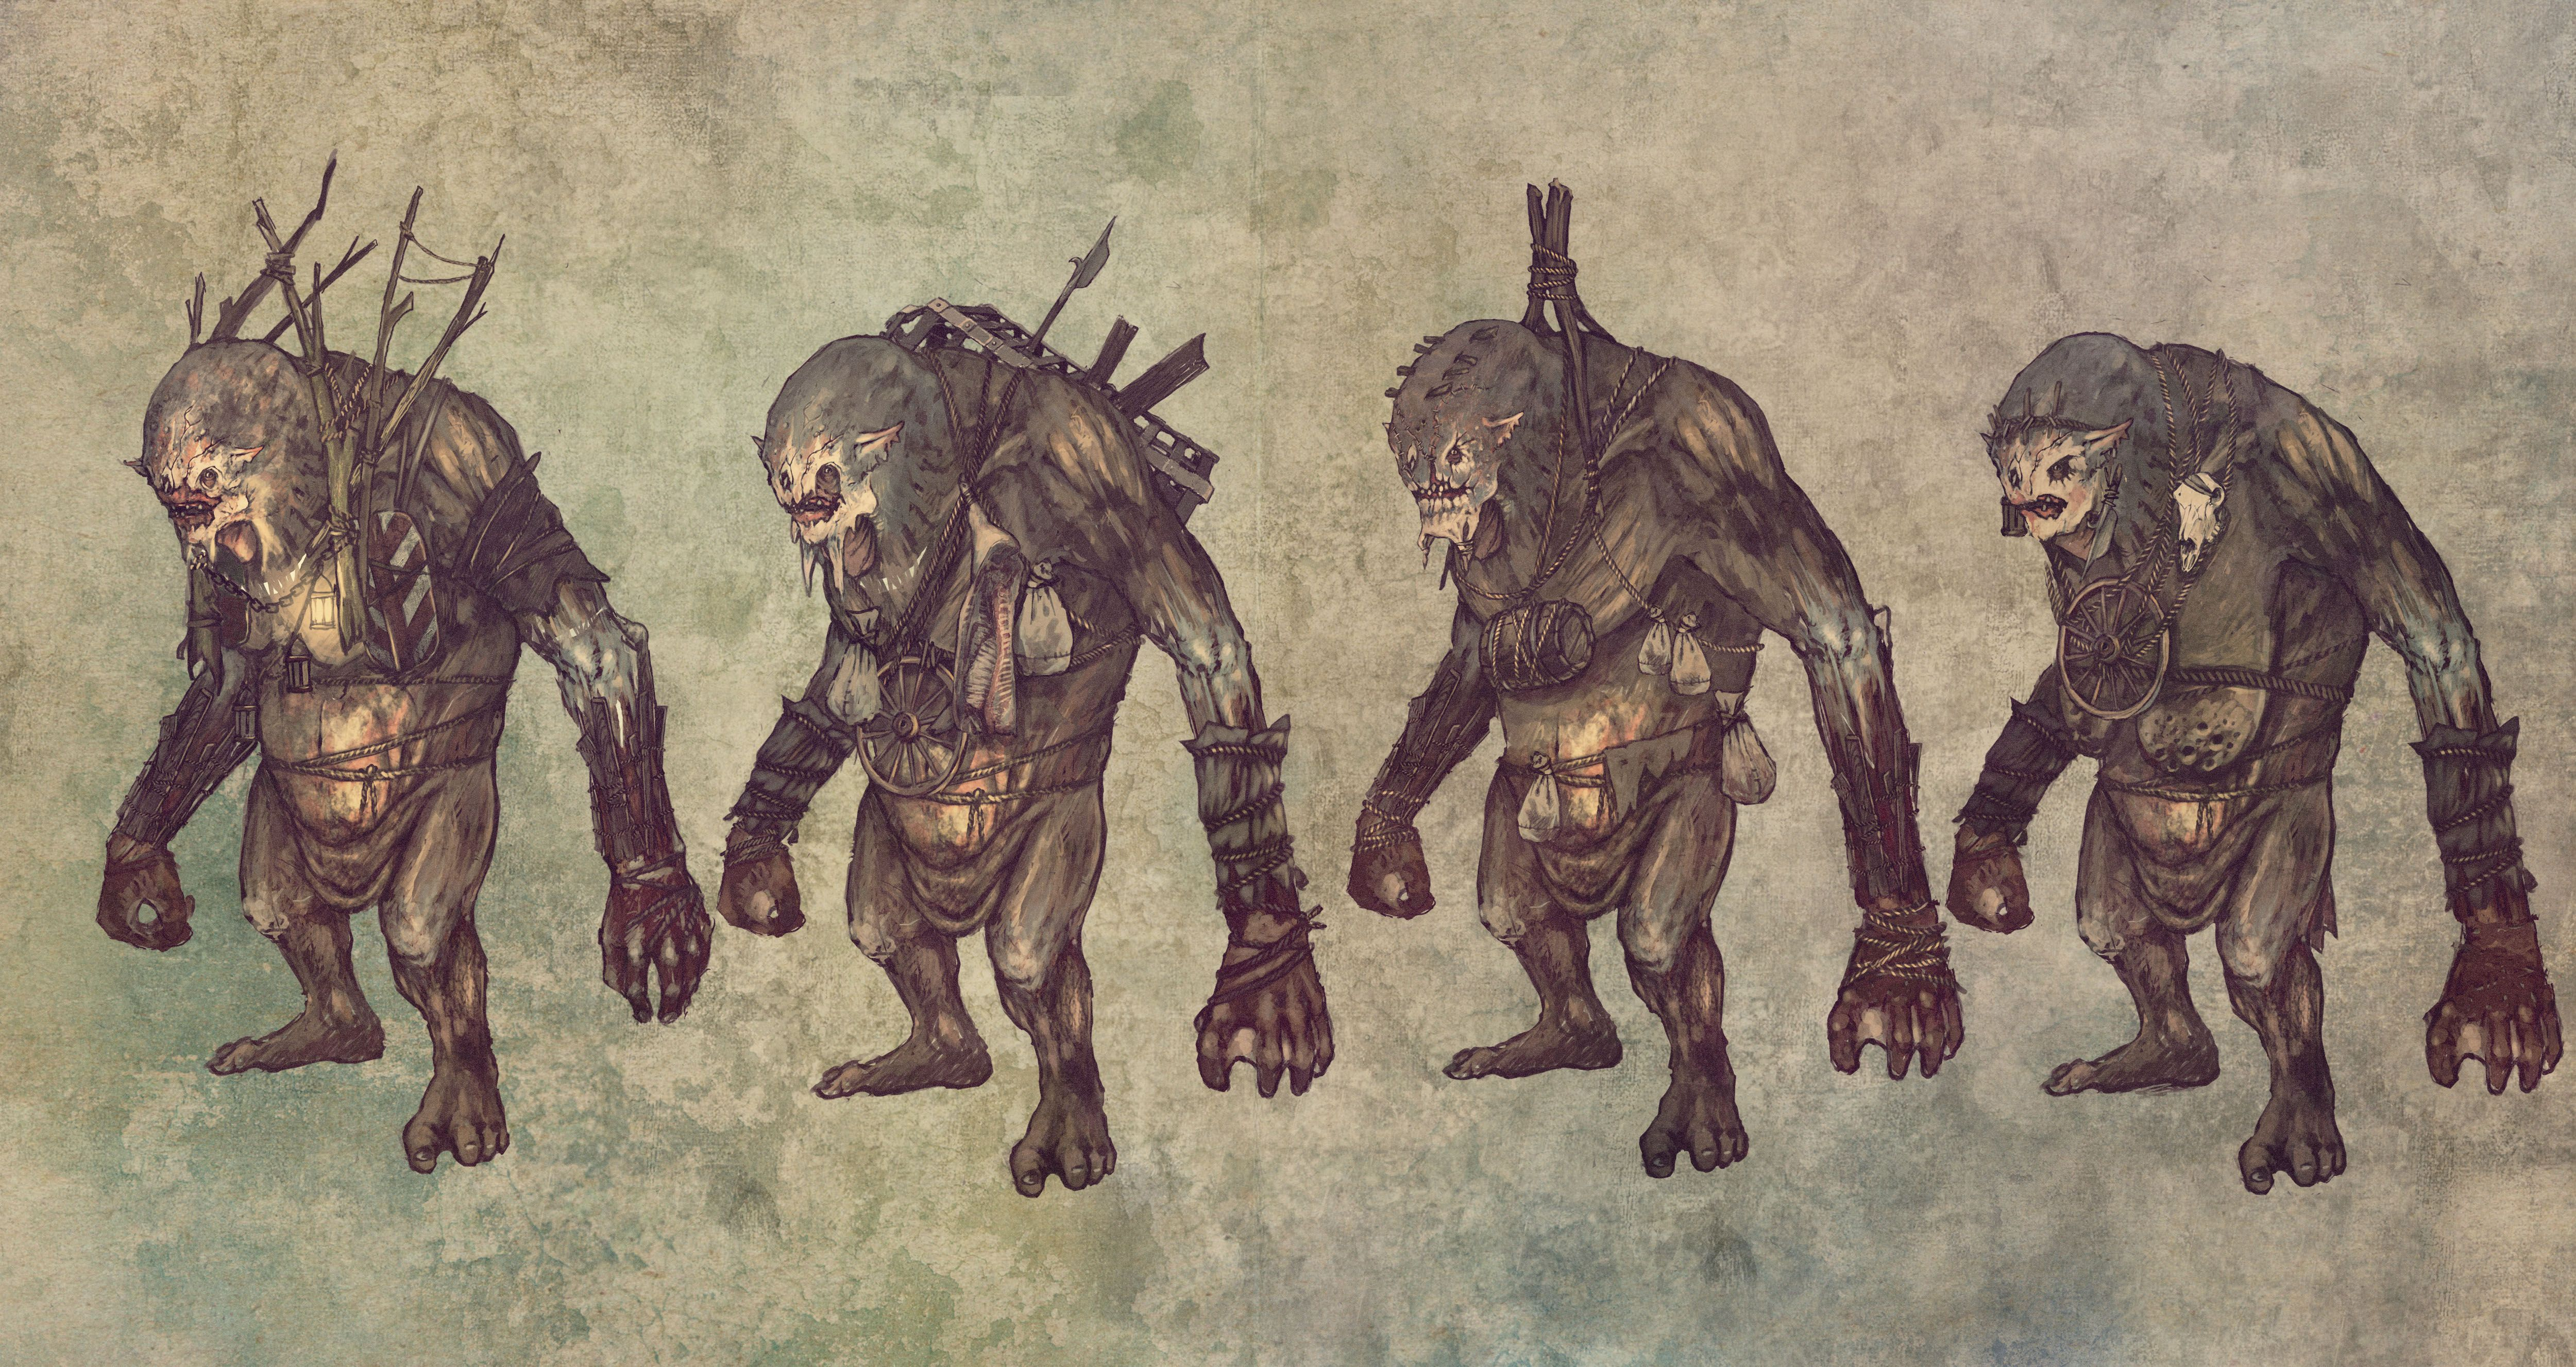 Troll concept art